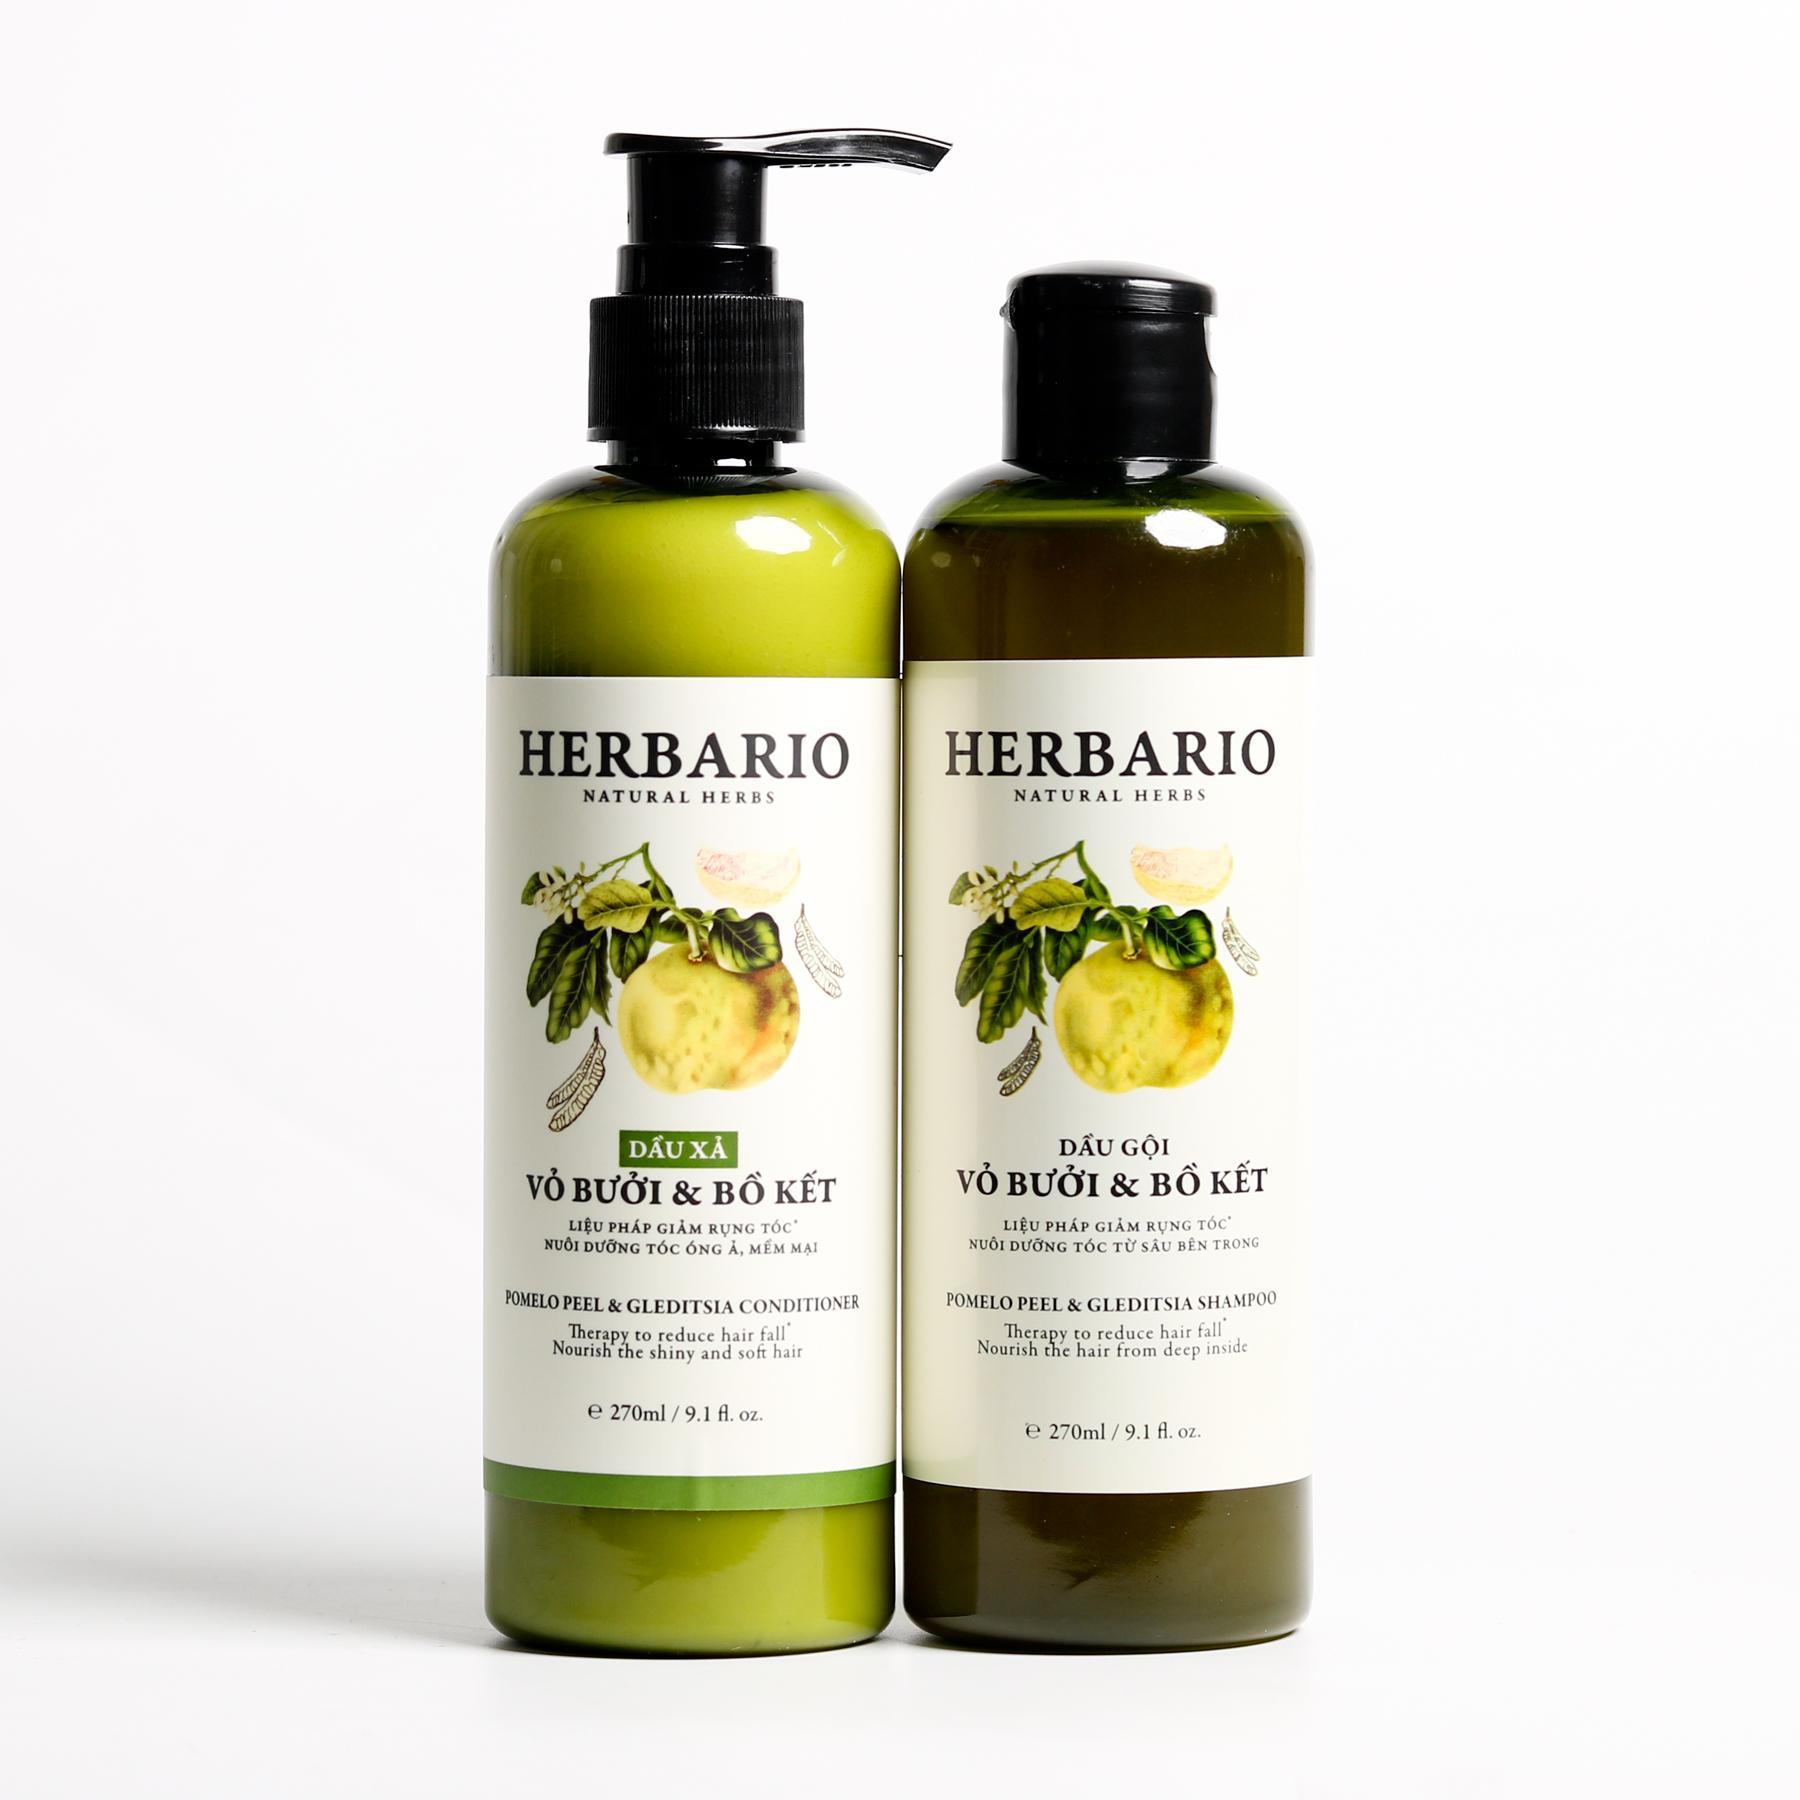 Bộ dầu gội herbario + Dầu xả tóc vỏ bưởi & bồ kết chuyên tóc